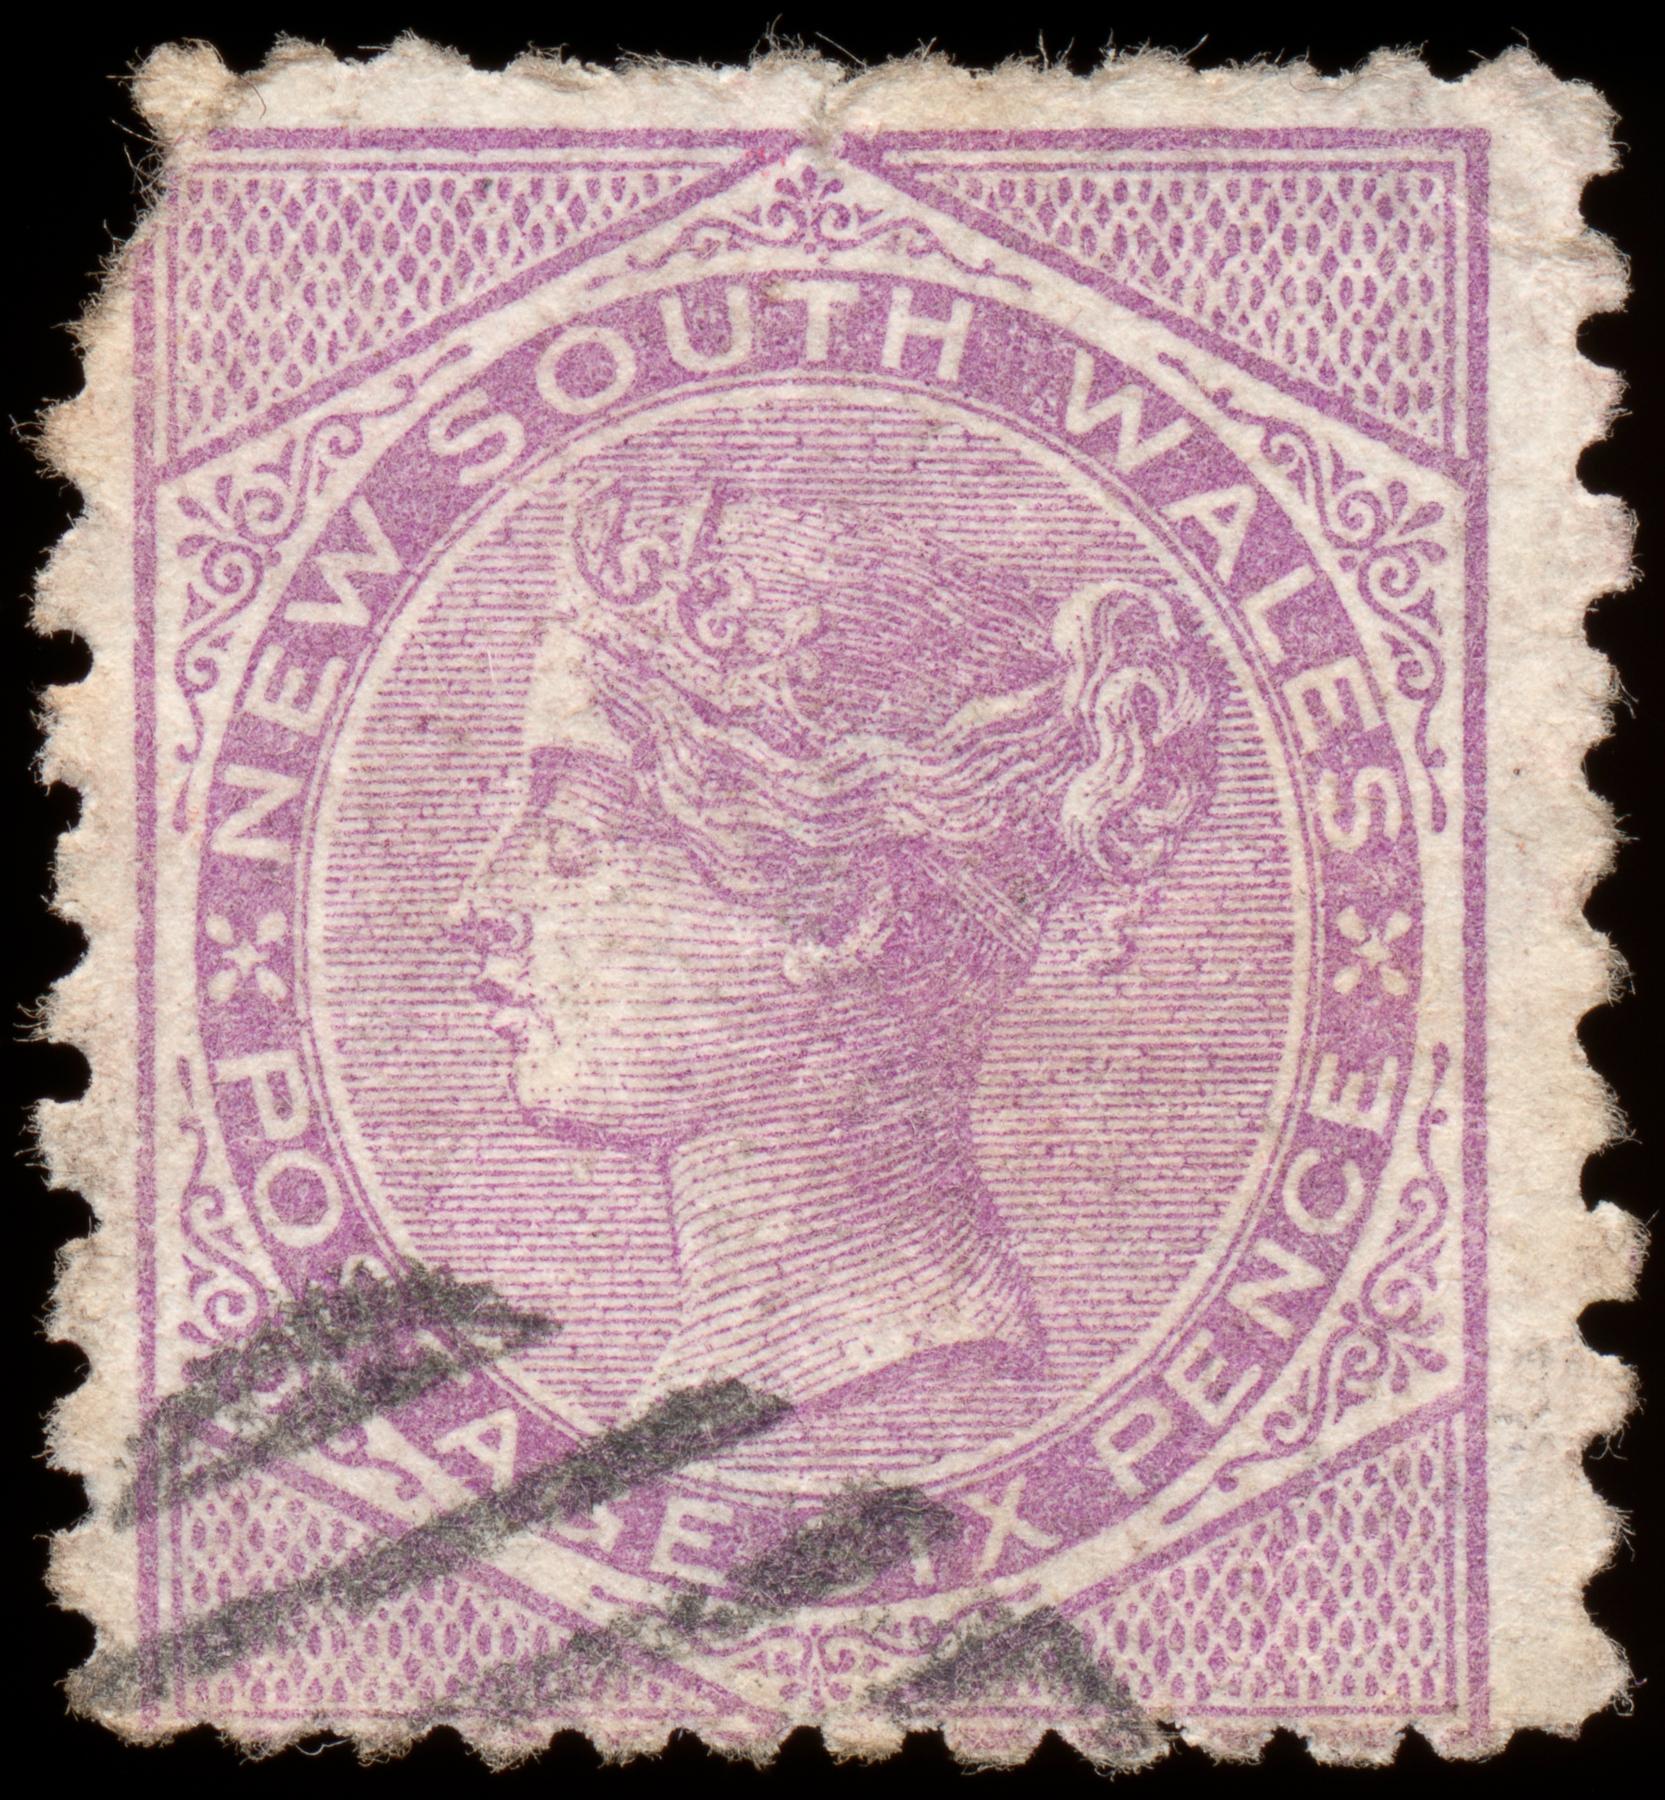 Violet queen victoria stamp photo